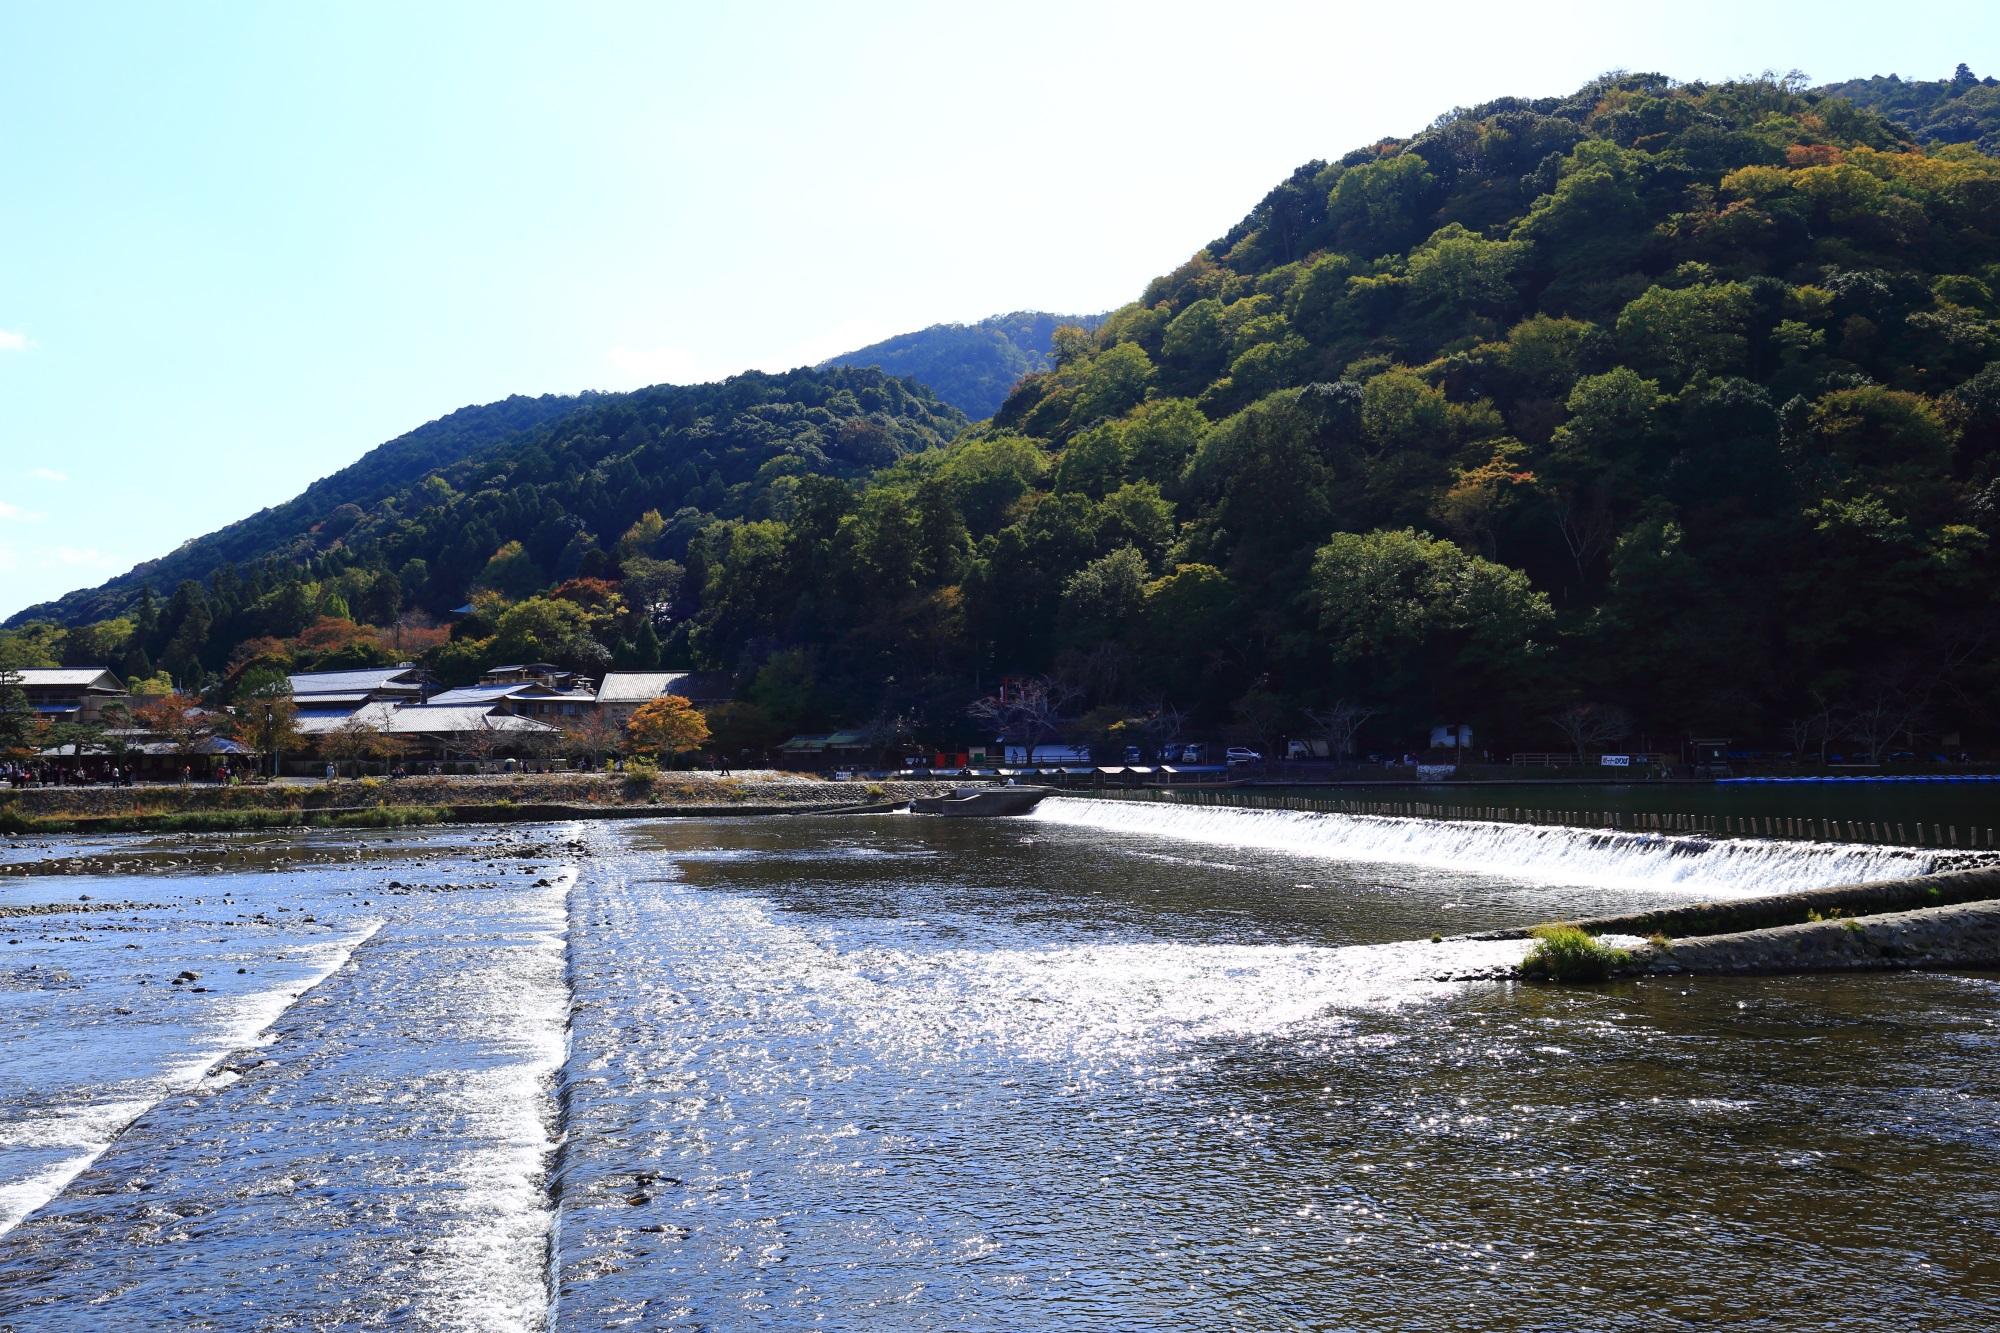 桂川(保津川)と嵐山